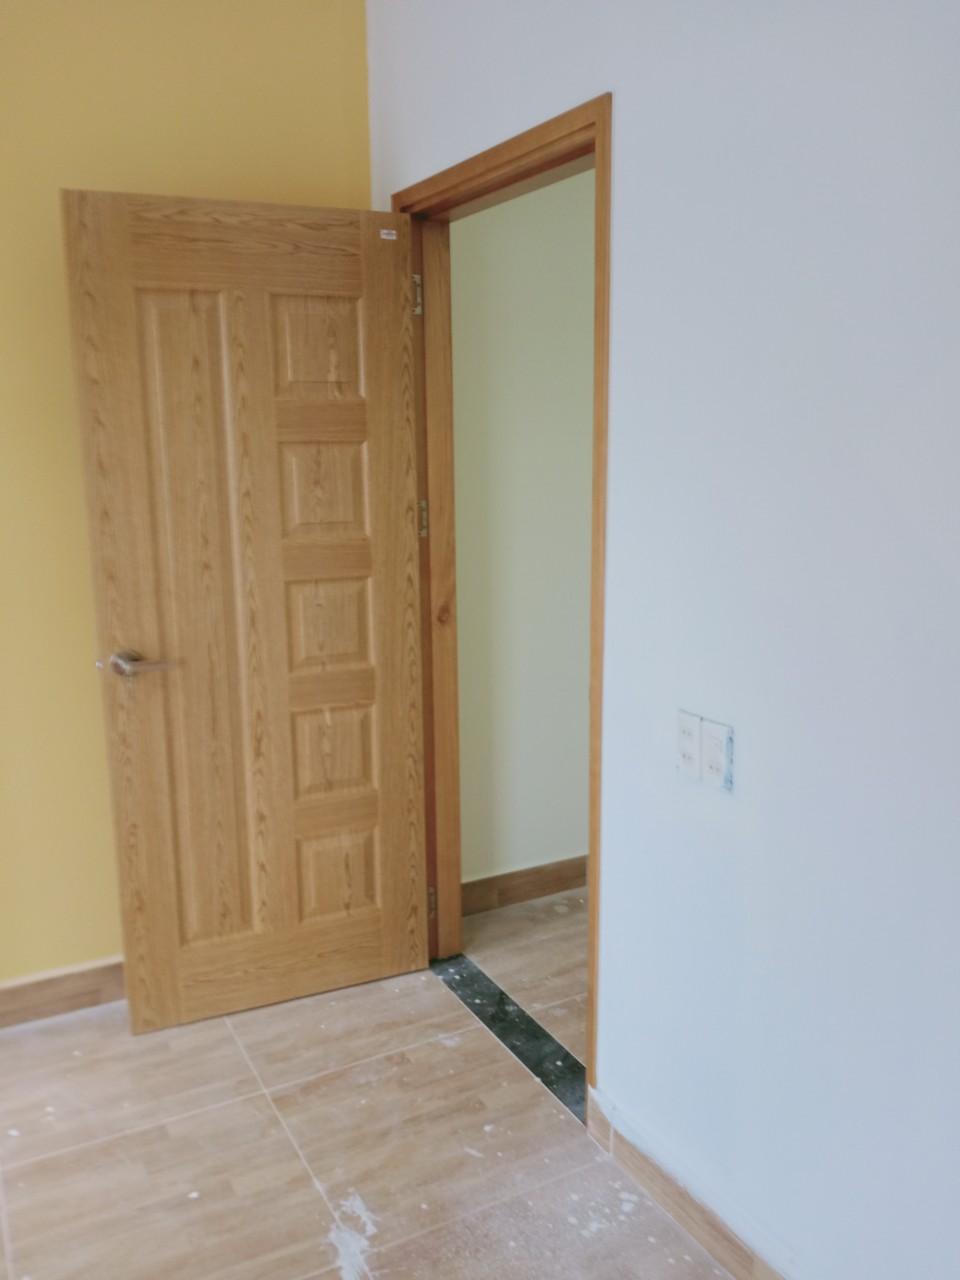 giá cửa gỗ hdf veneer